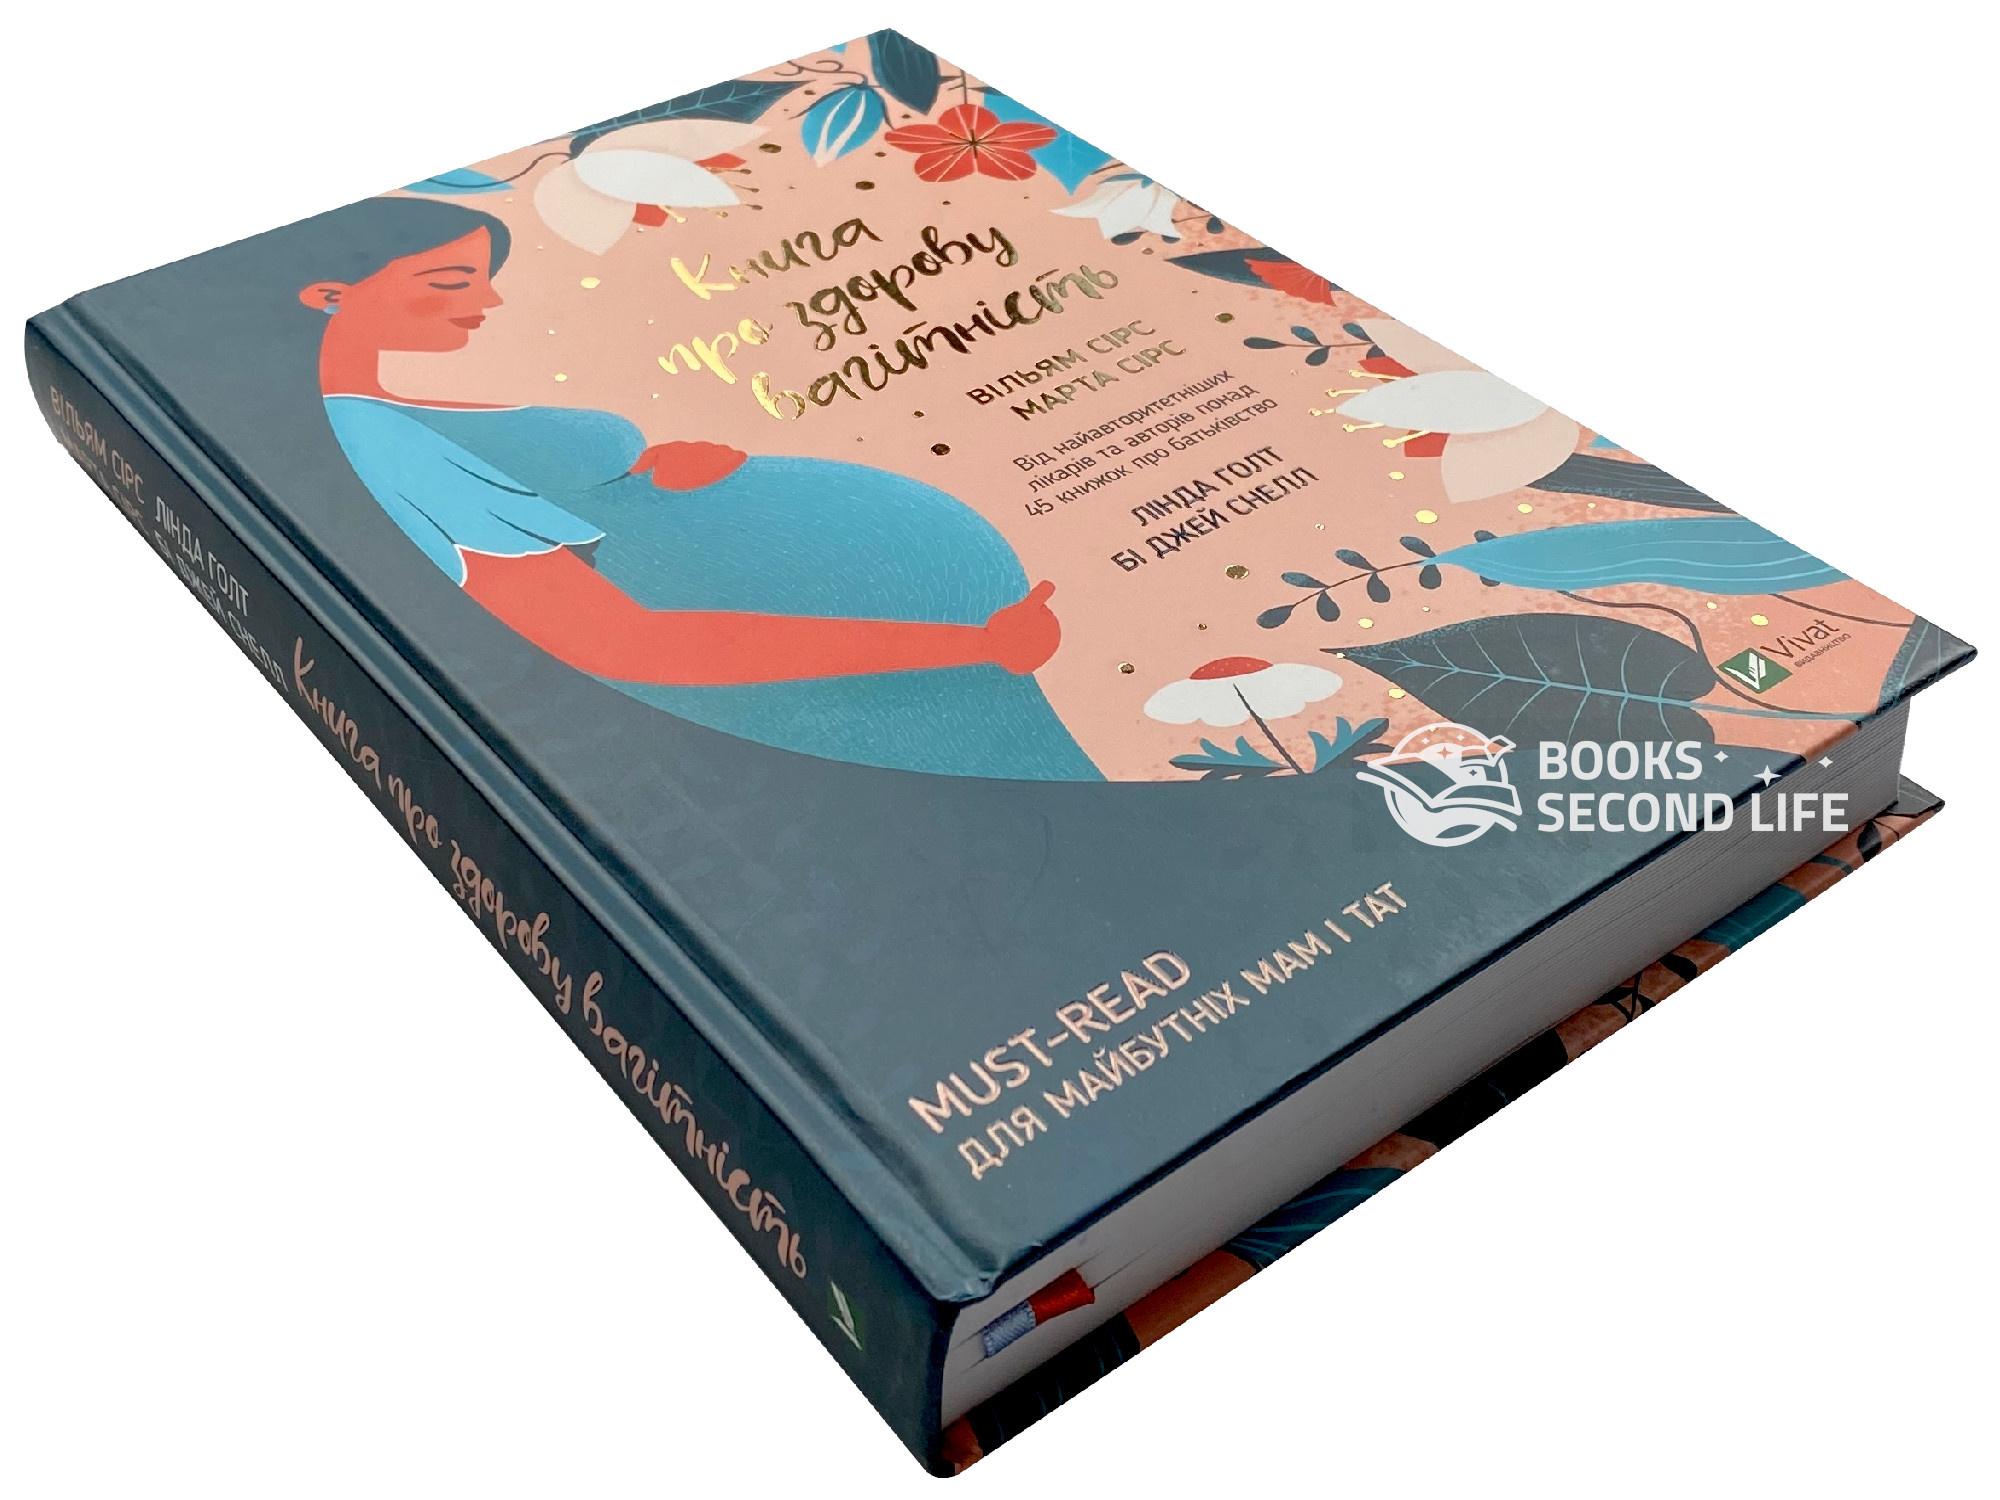 Книга про здорову вагітність. Автор — Уильям Сирс, Марта Сирс. Переплет —